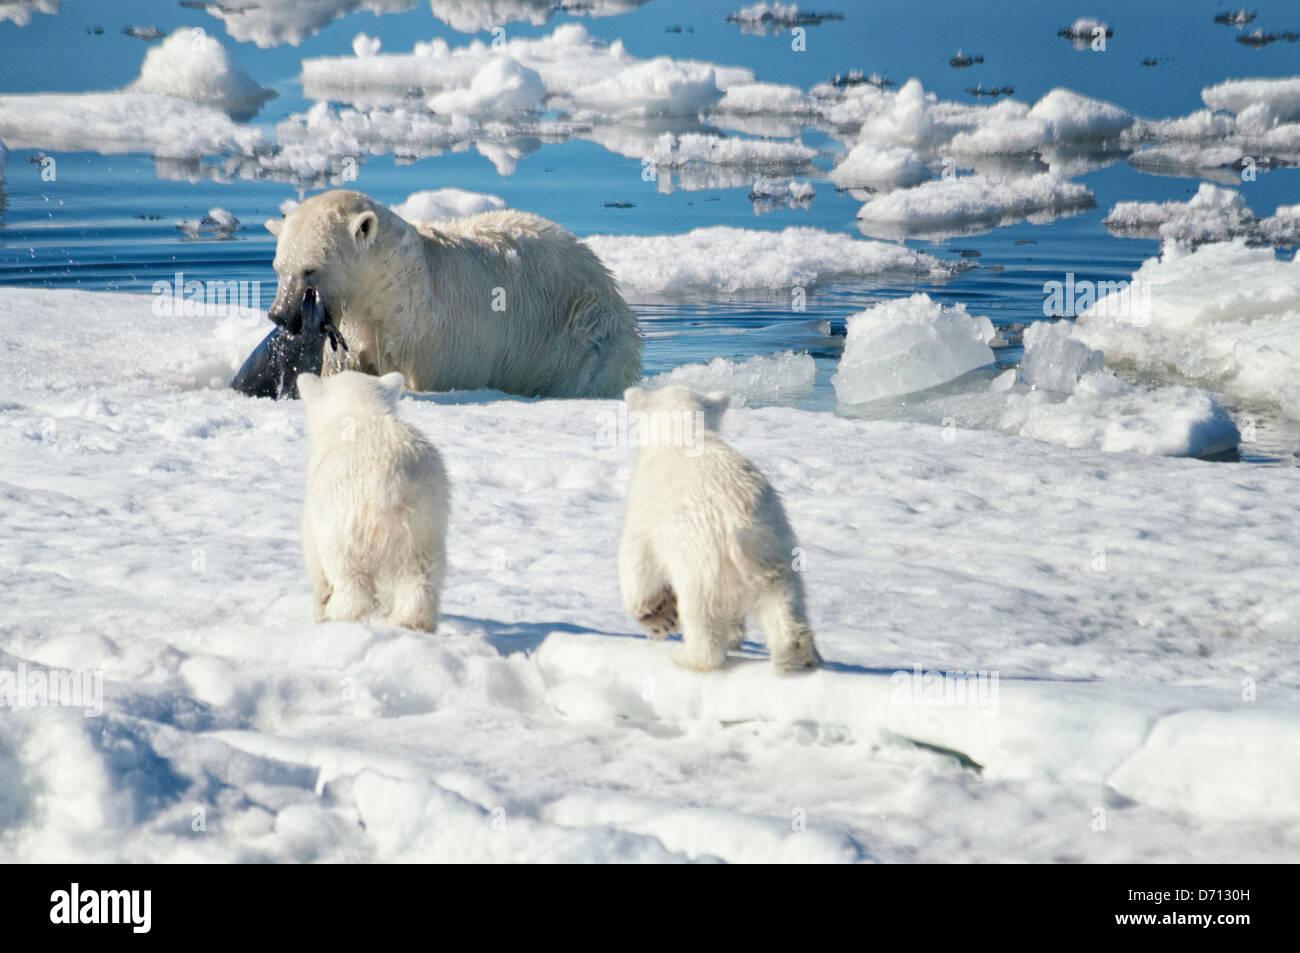 #4 en una serie de 10 imágenes de una madre de oso polar, Ursus maritimus, al acecho de una junta para alimentar Foto de stock